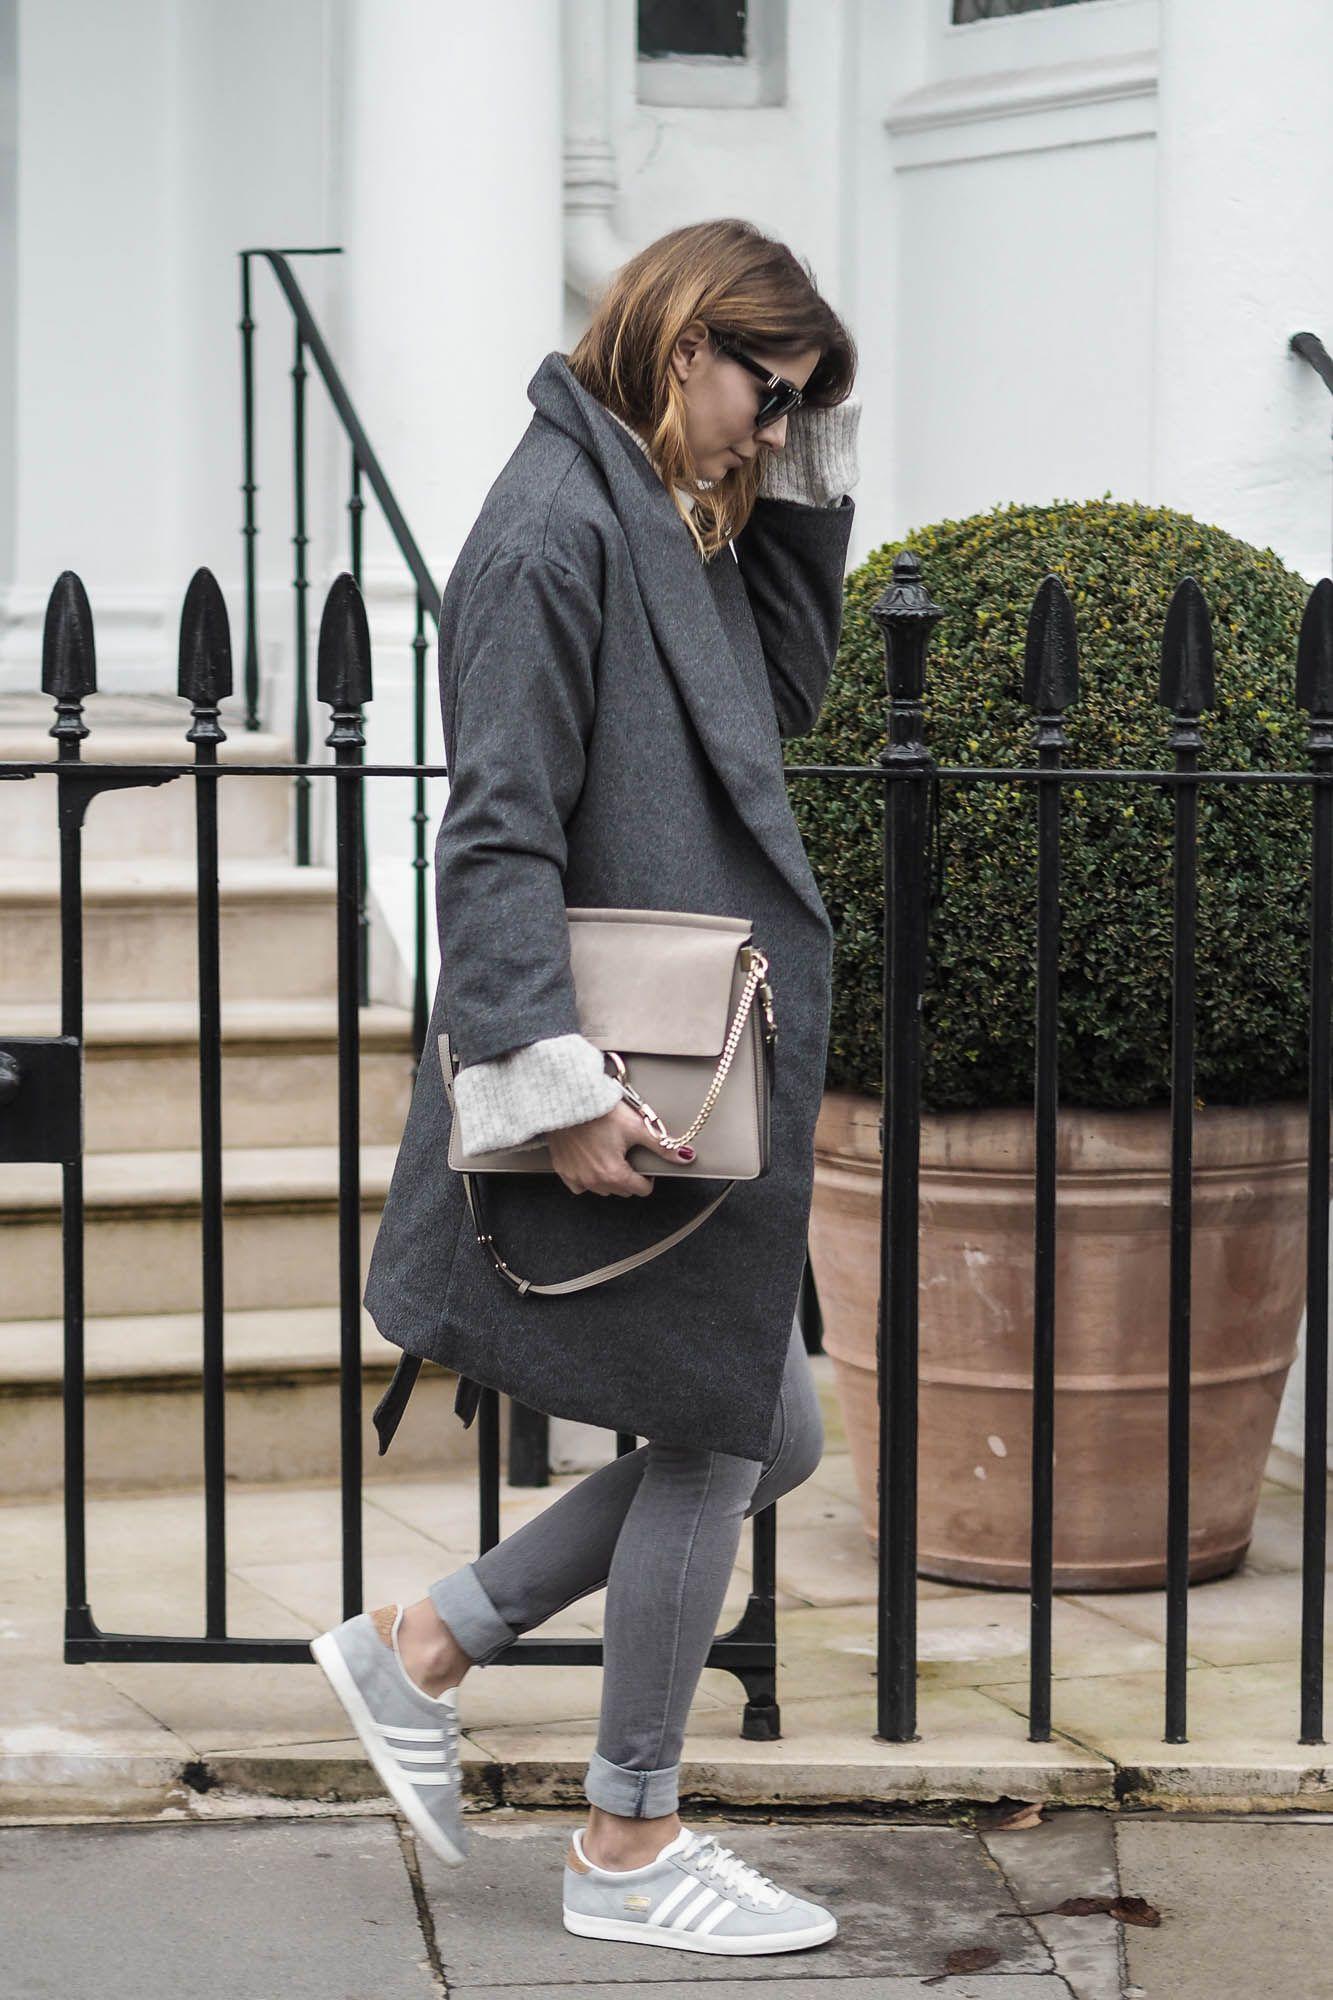 adidas donna gazelle grigio